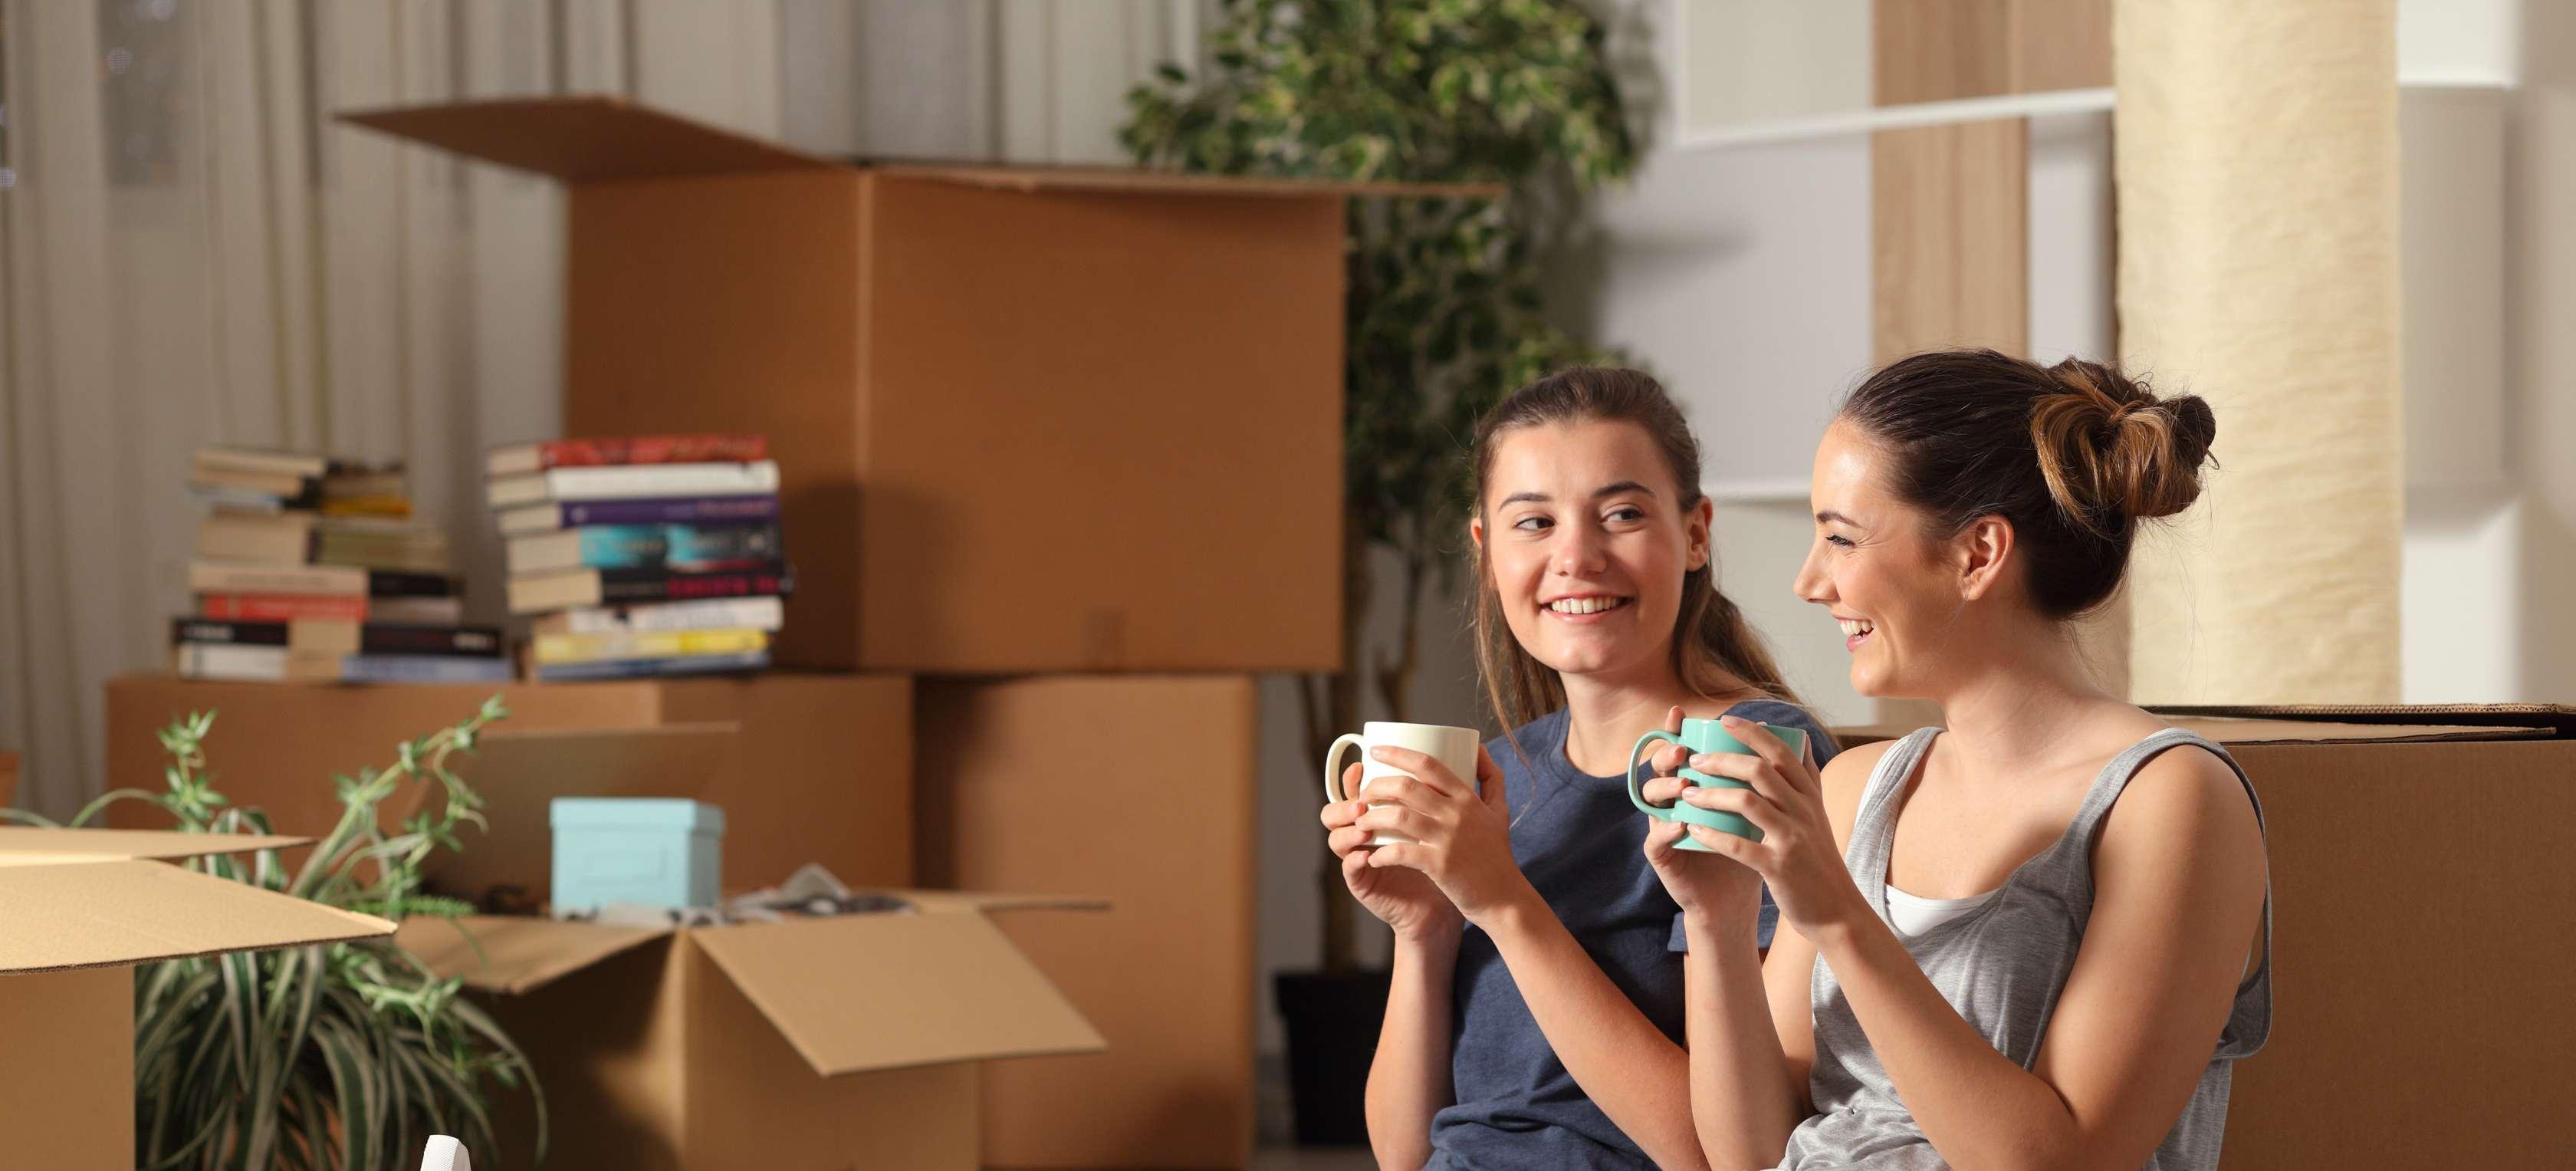 Zwei Mädchen sitzen vor Umzugskartons und trinken Kaffee